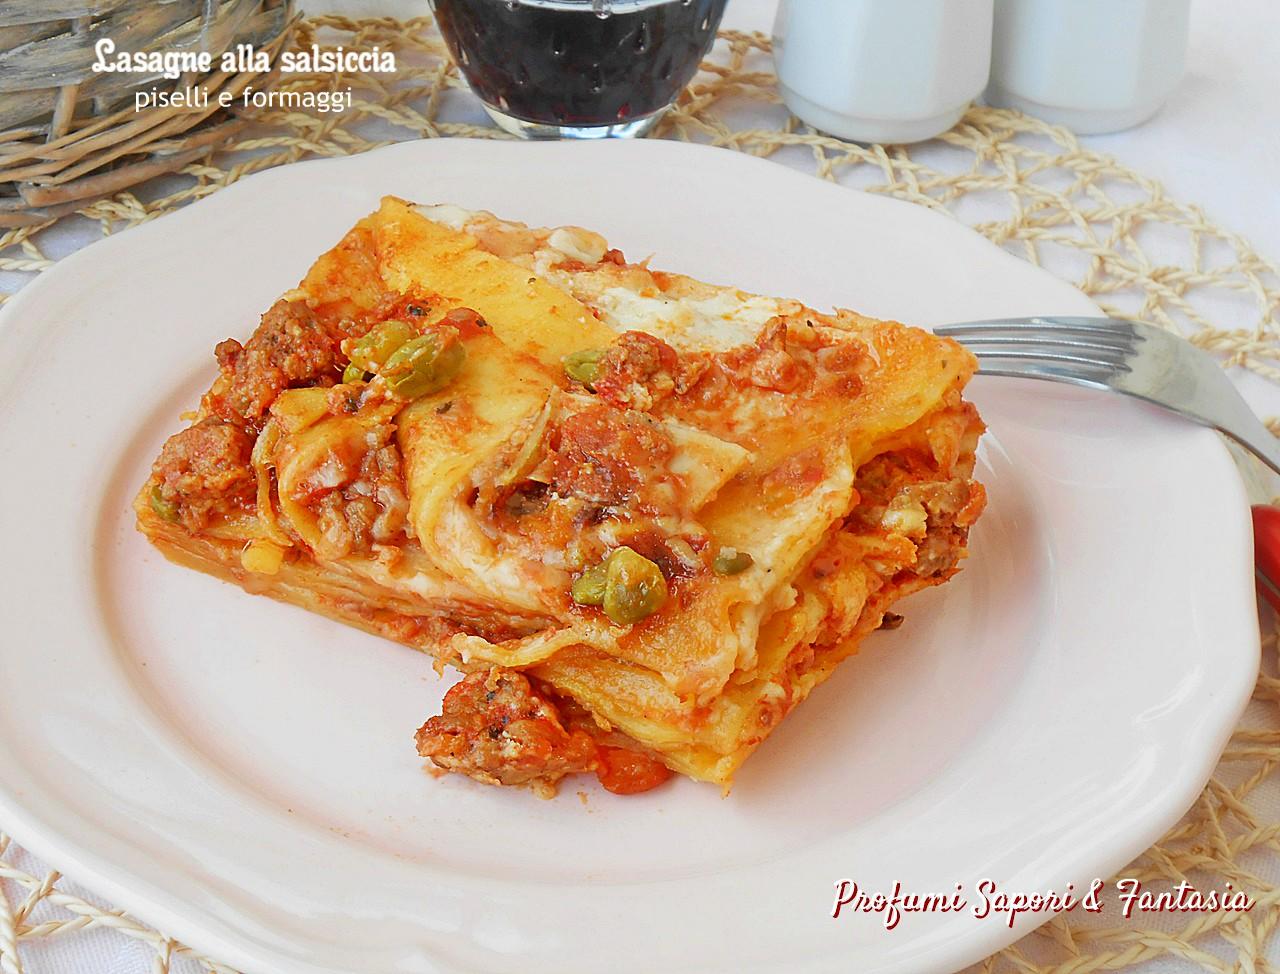 Lasagne alla salsiccia piselli e formaggi